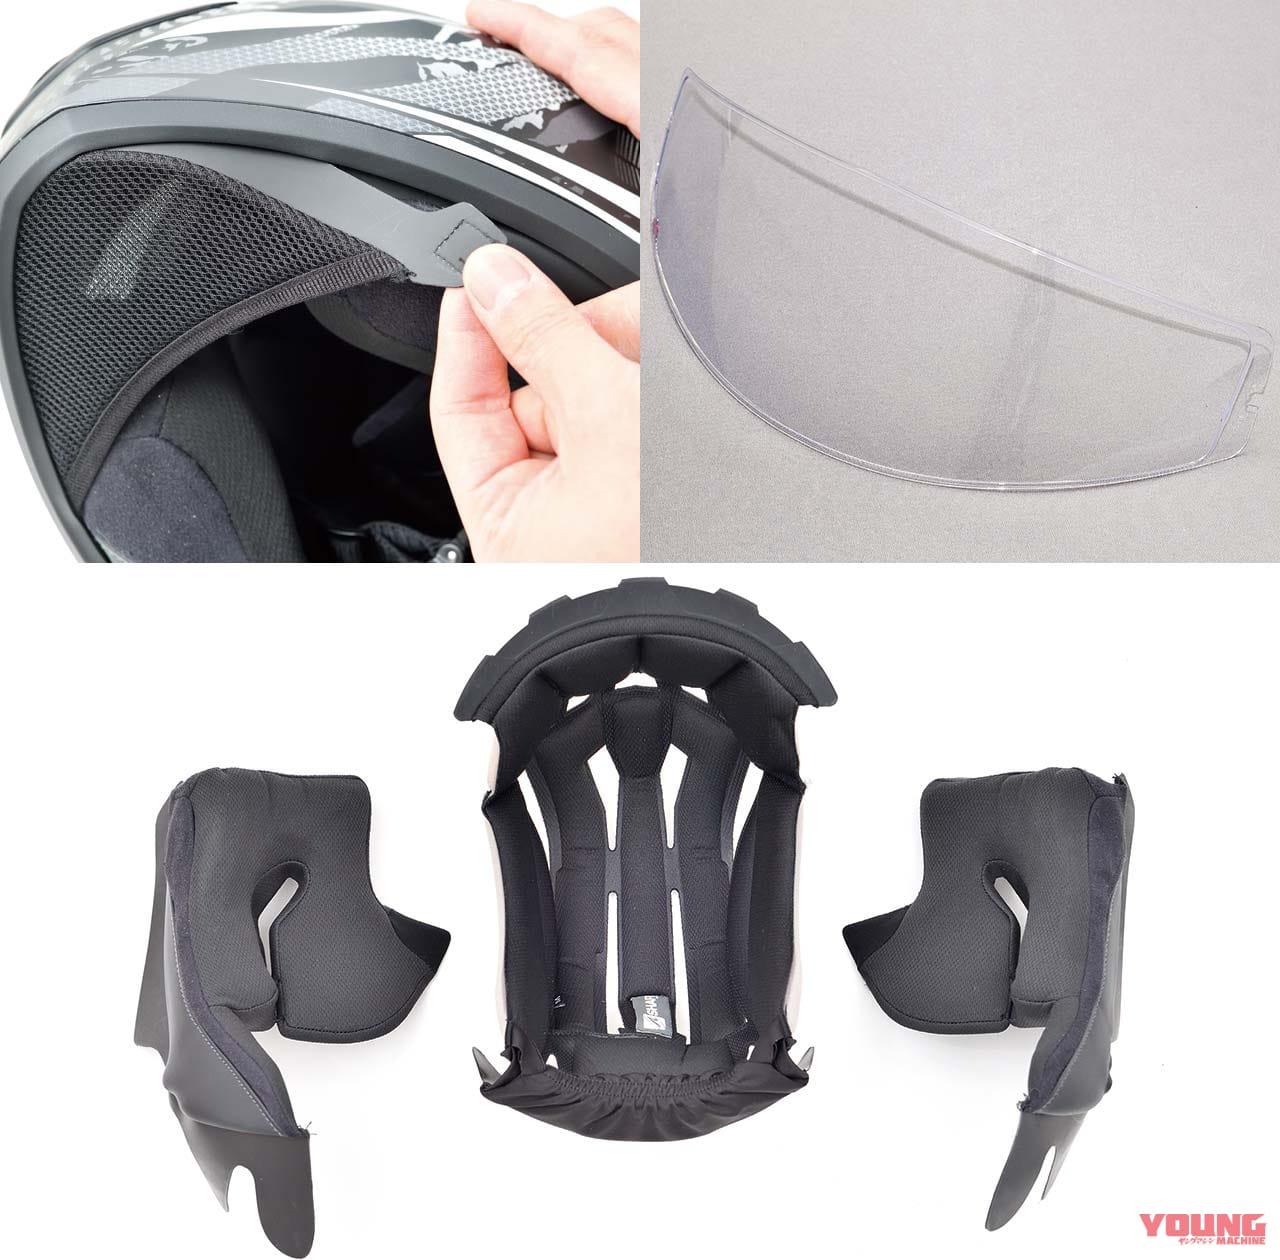 フランス発のヘルメット「シャーク Dスクワール2」